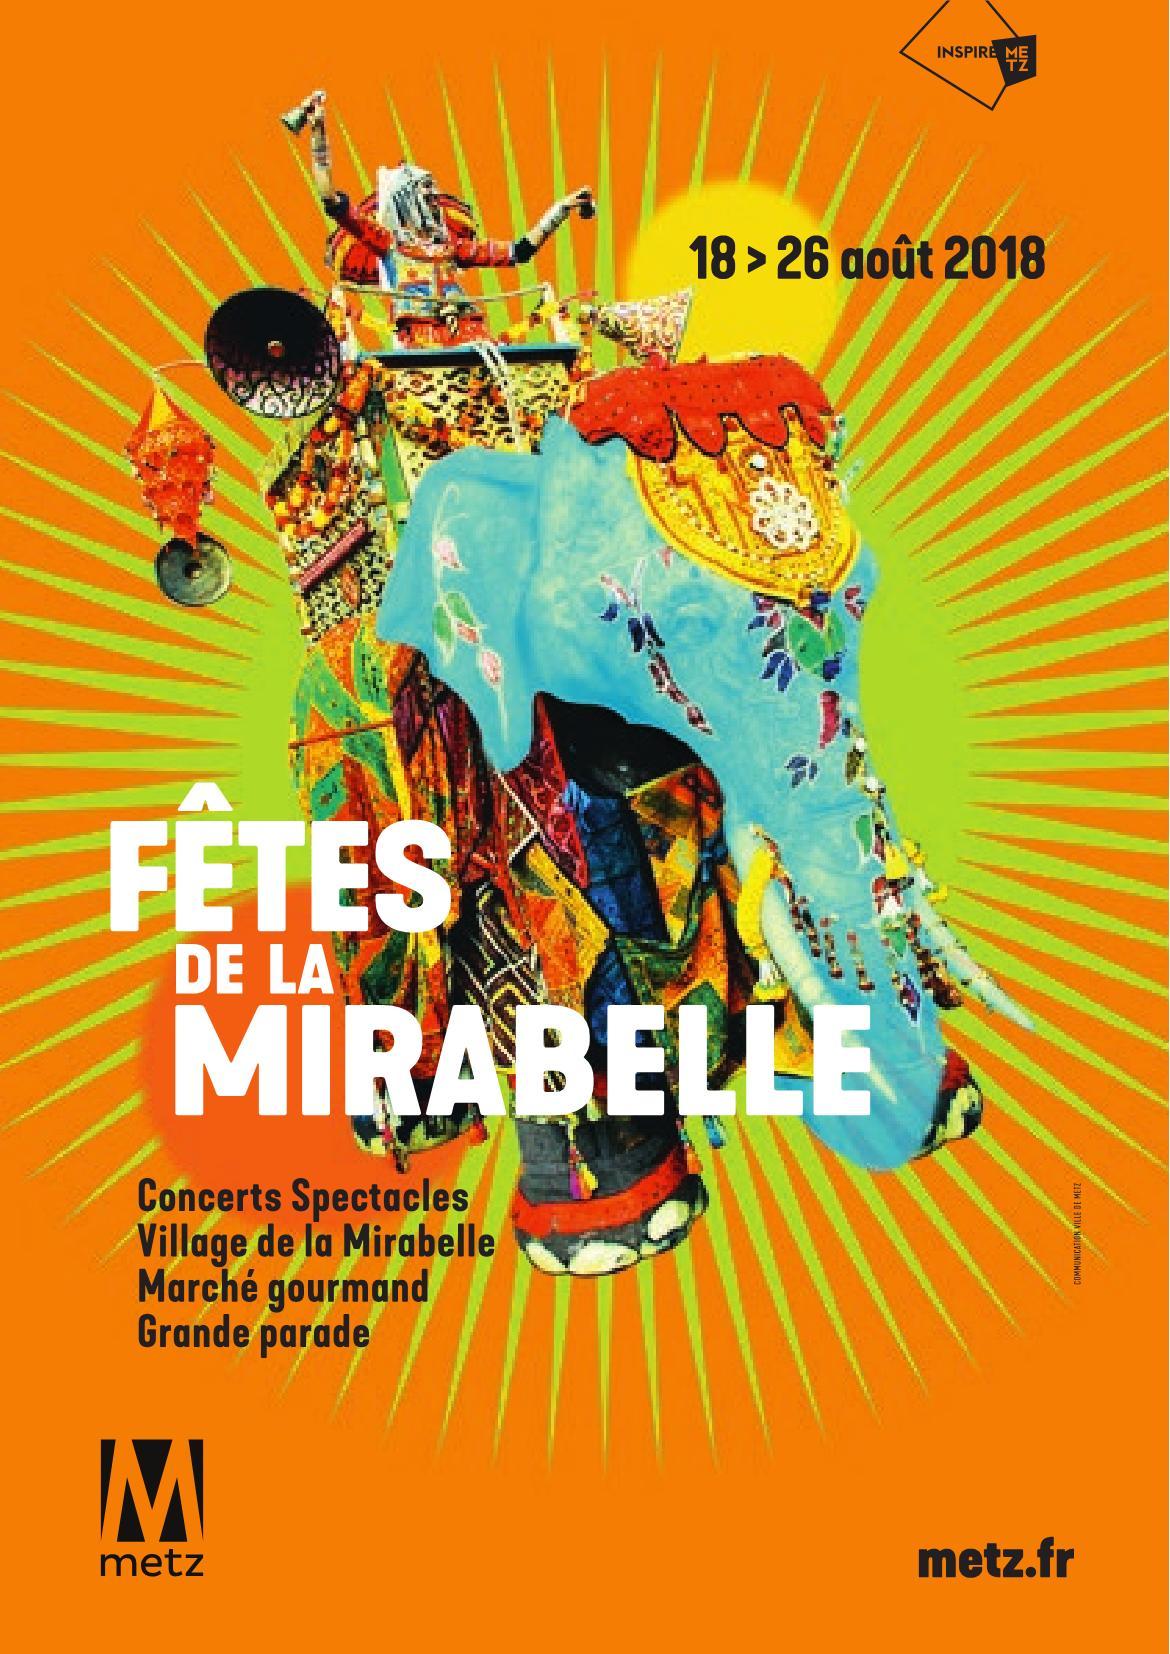 Programme Fêtes Mirabelle Metz 2018